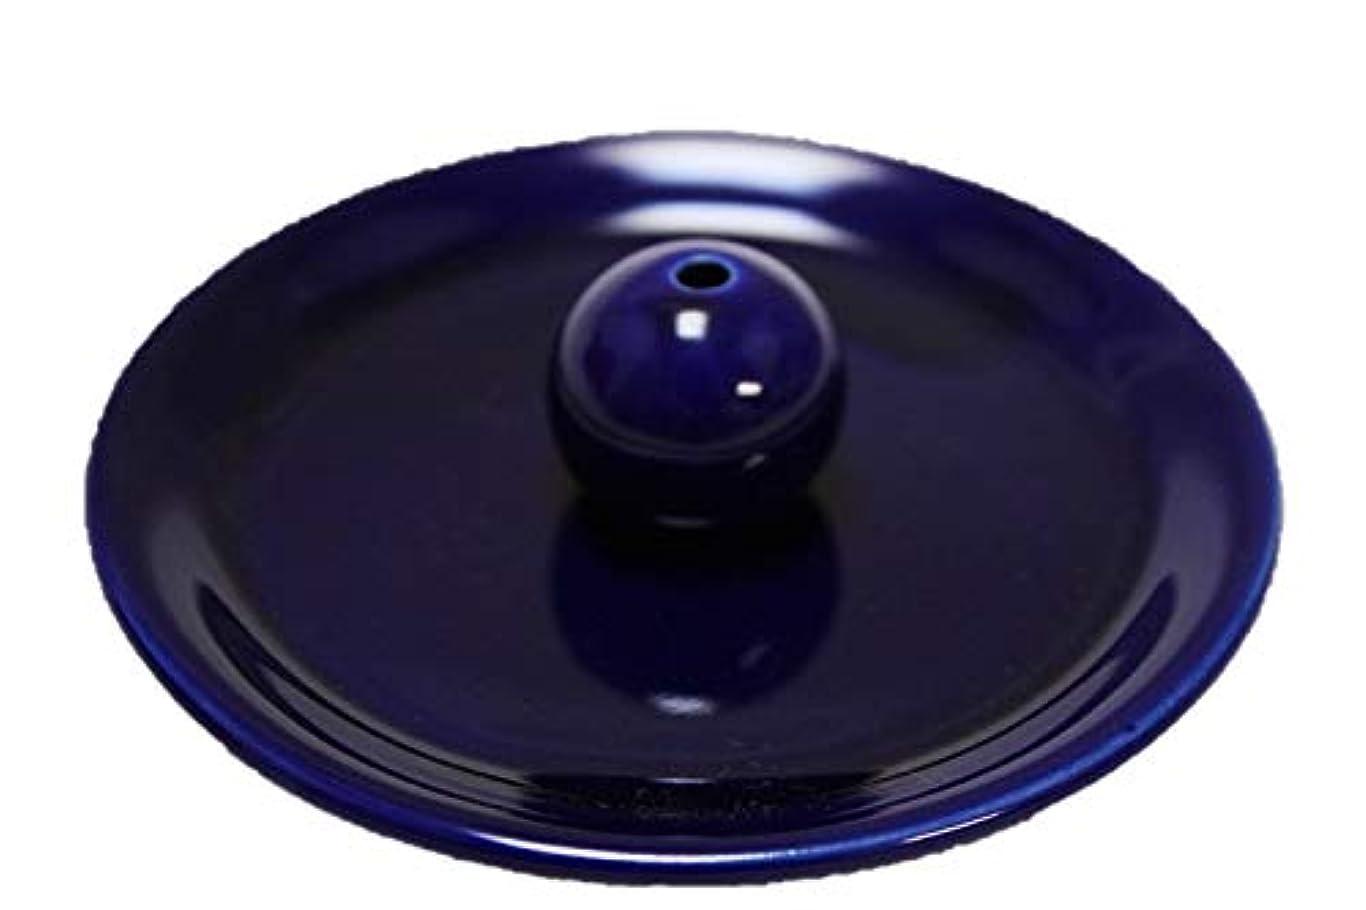 永久に突破口コンベンション瑠璃色 9cm香皿 日本製 製造?直売 お香立て お香たて 陶器